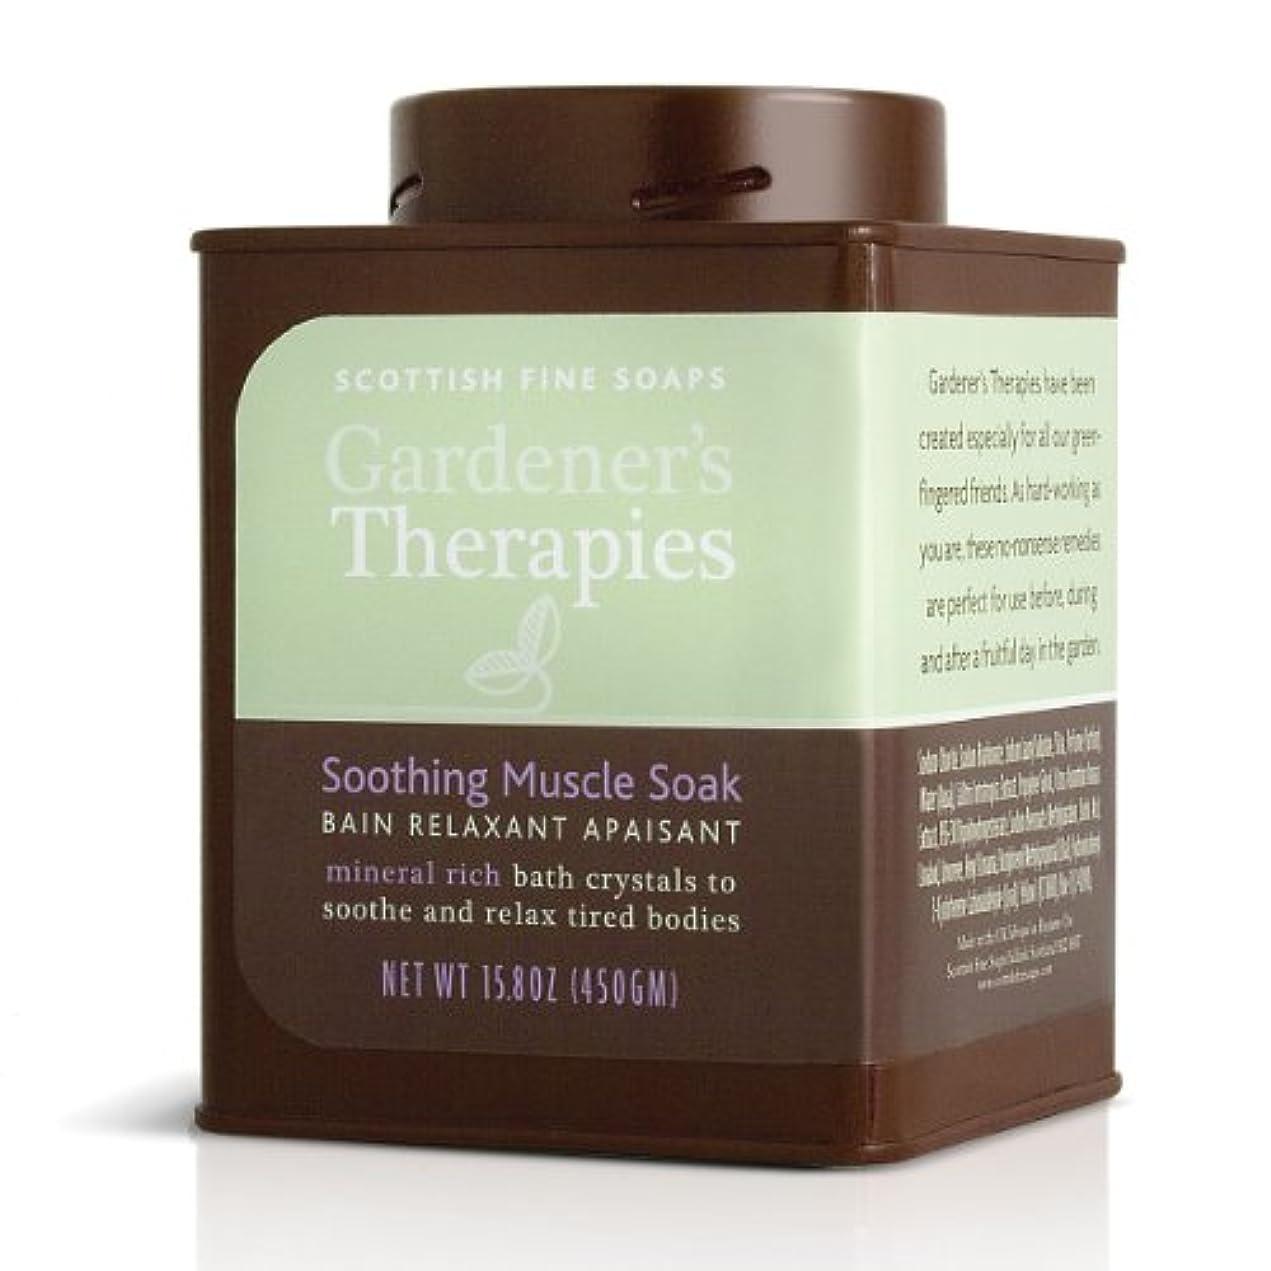 従順な症候群法医学SCOTTISH FINE SOAPS(スコティッシュファインソープ) Gardener's Therapies(ガーデンセラピーシリーズ) リラクシングバスパウダー 500g 5016365005548